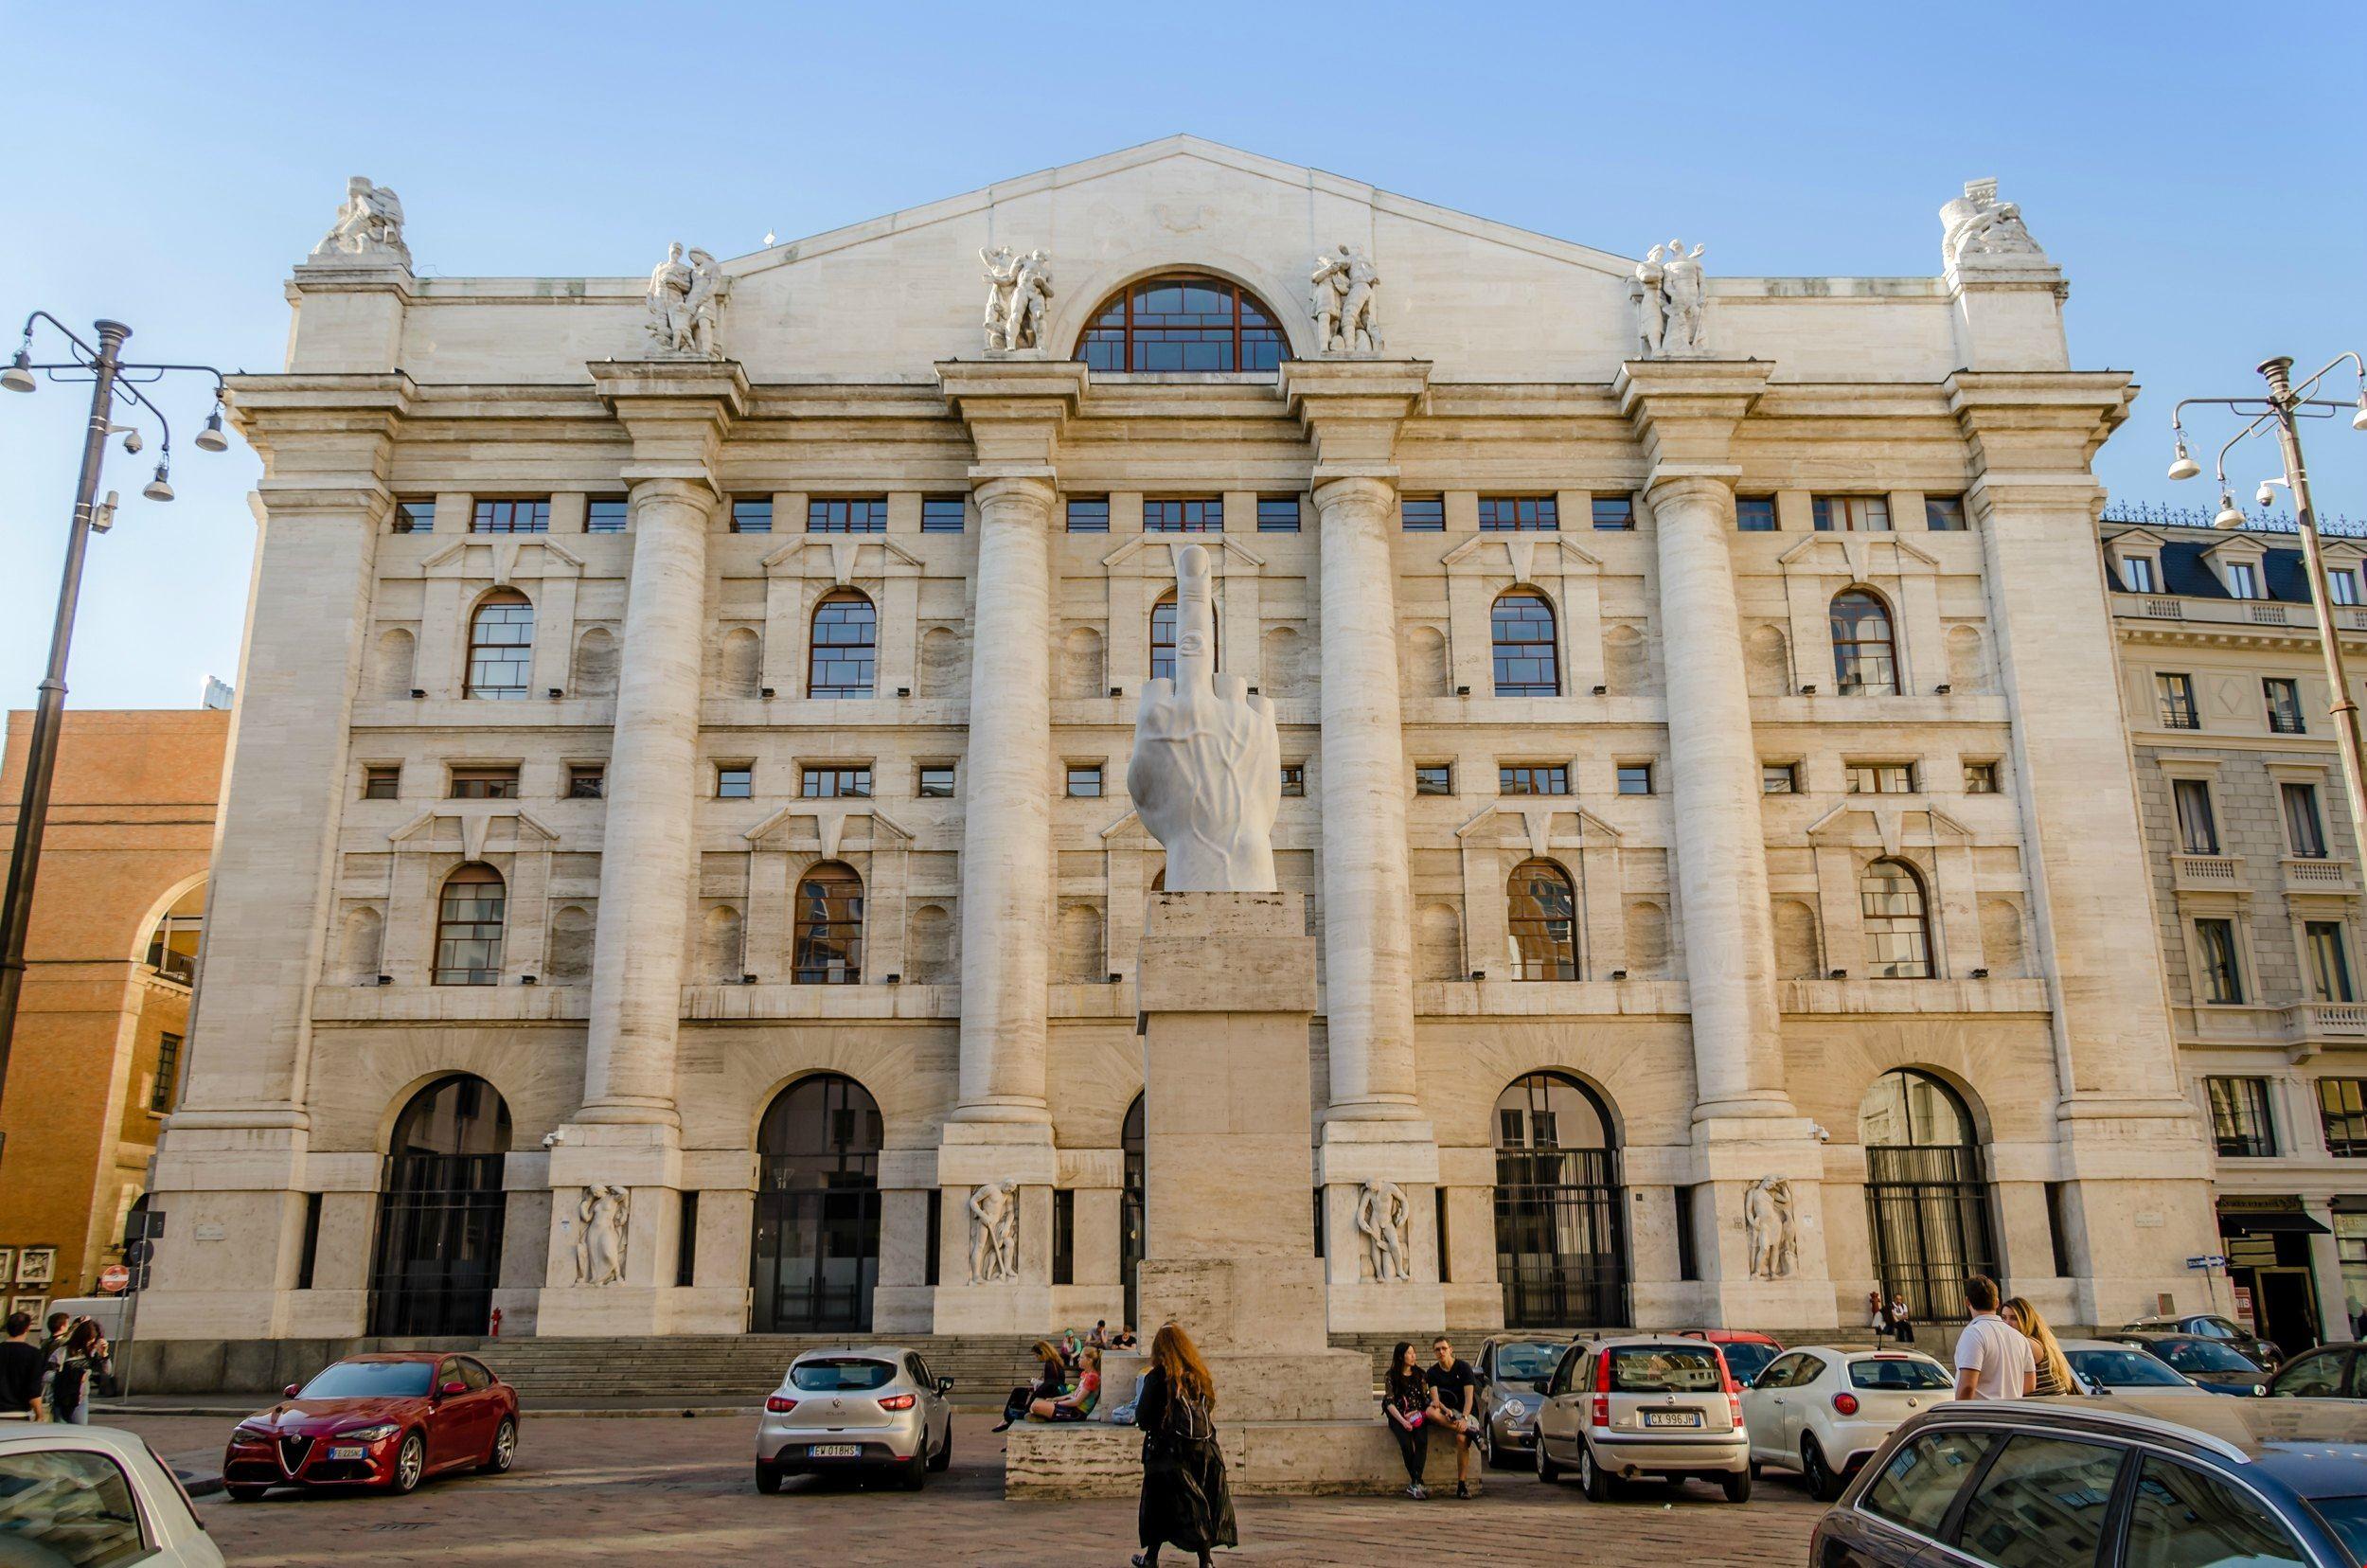 Corso_Magenta_Palazzo_Mezzanotte_Milano_web.jpg